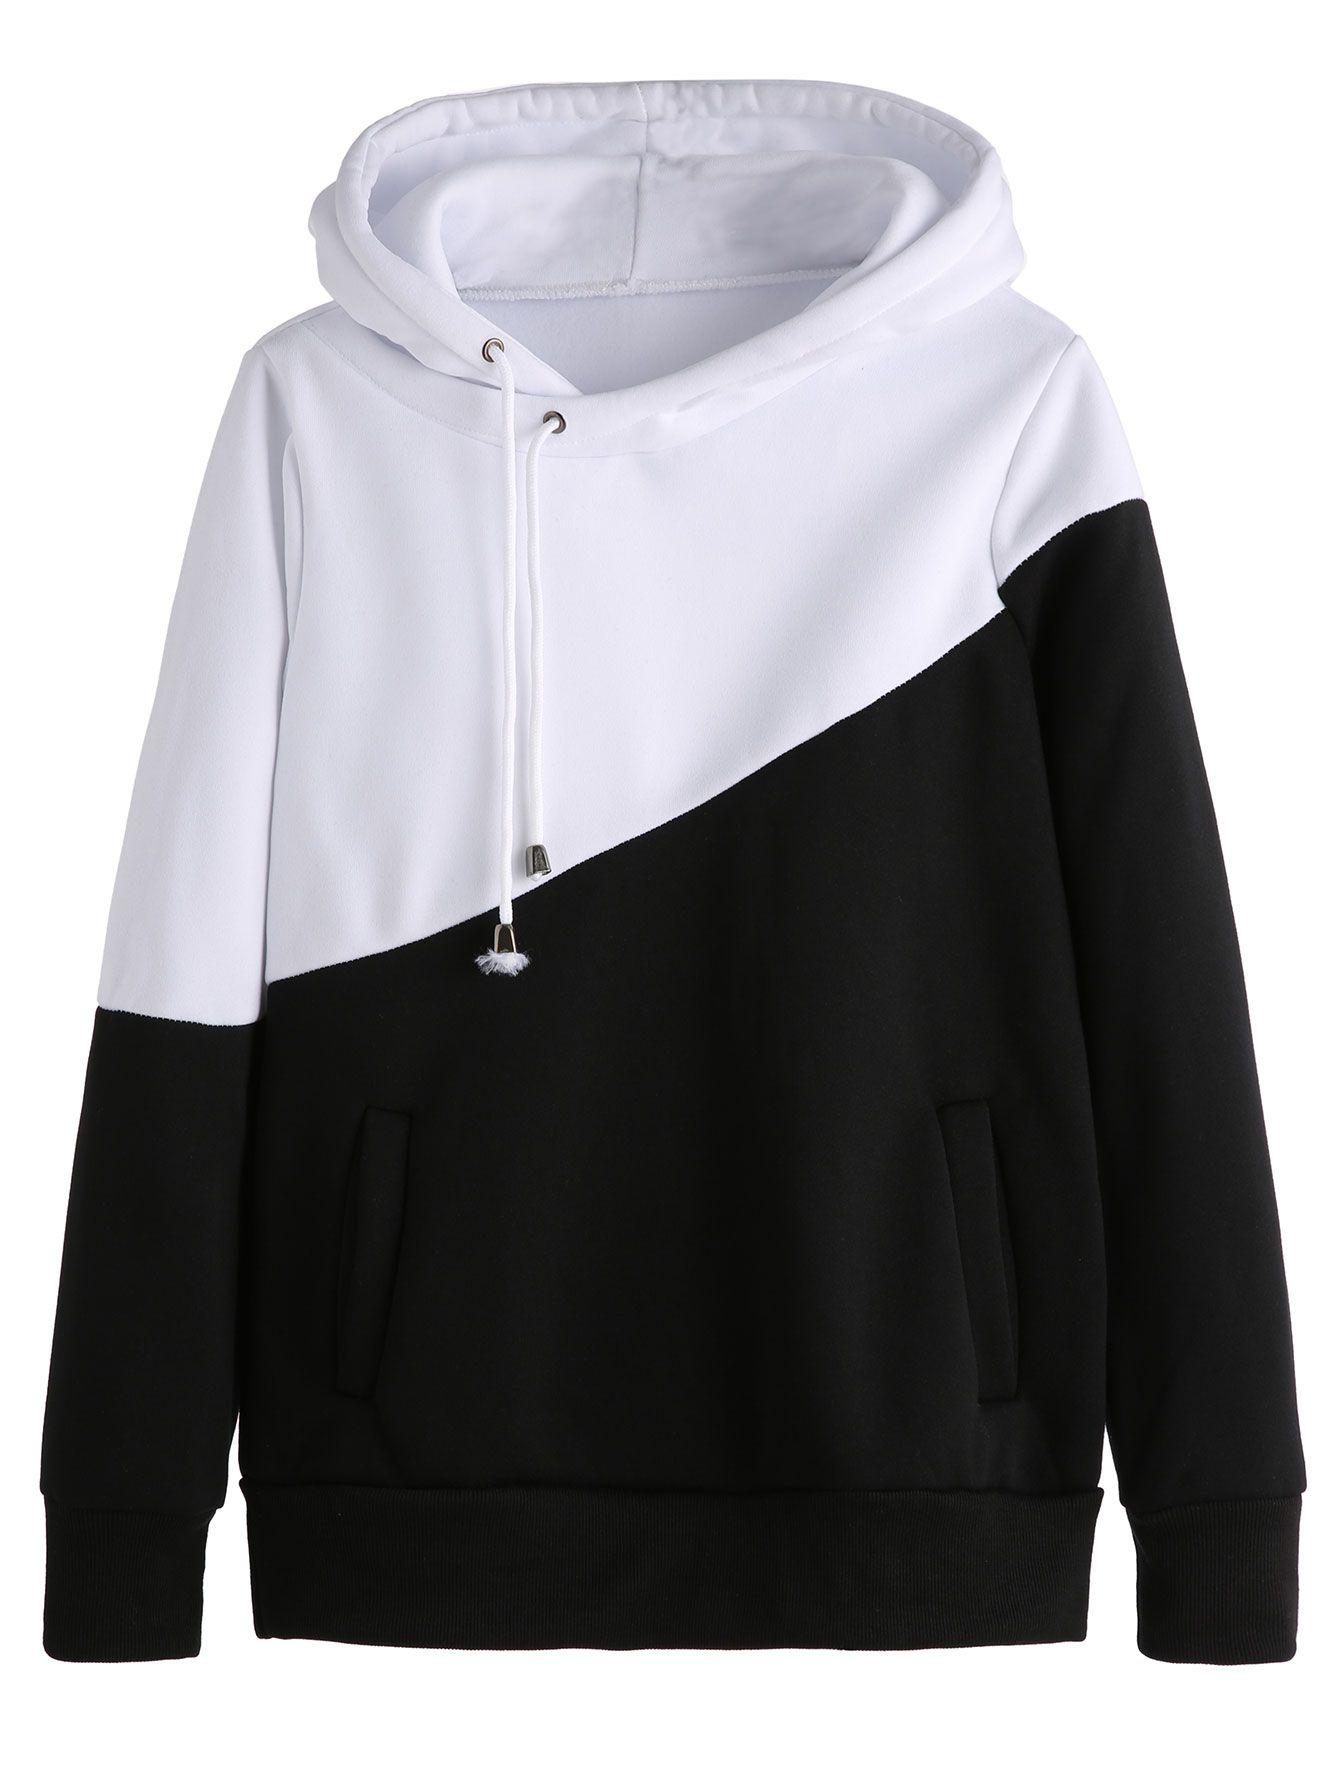 9270b2472d Sweatshirt mit Kapuzem Tasche -kontrastfarbe - German SheIn(Sheinside)